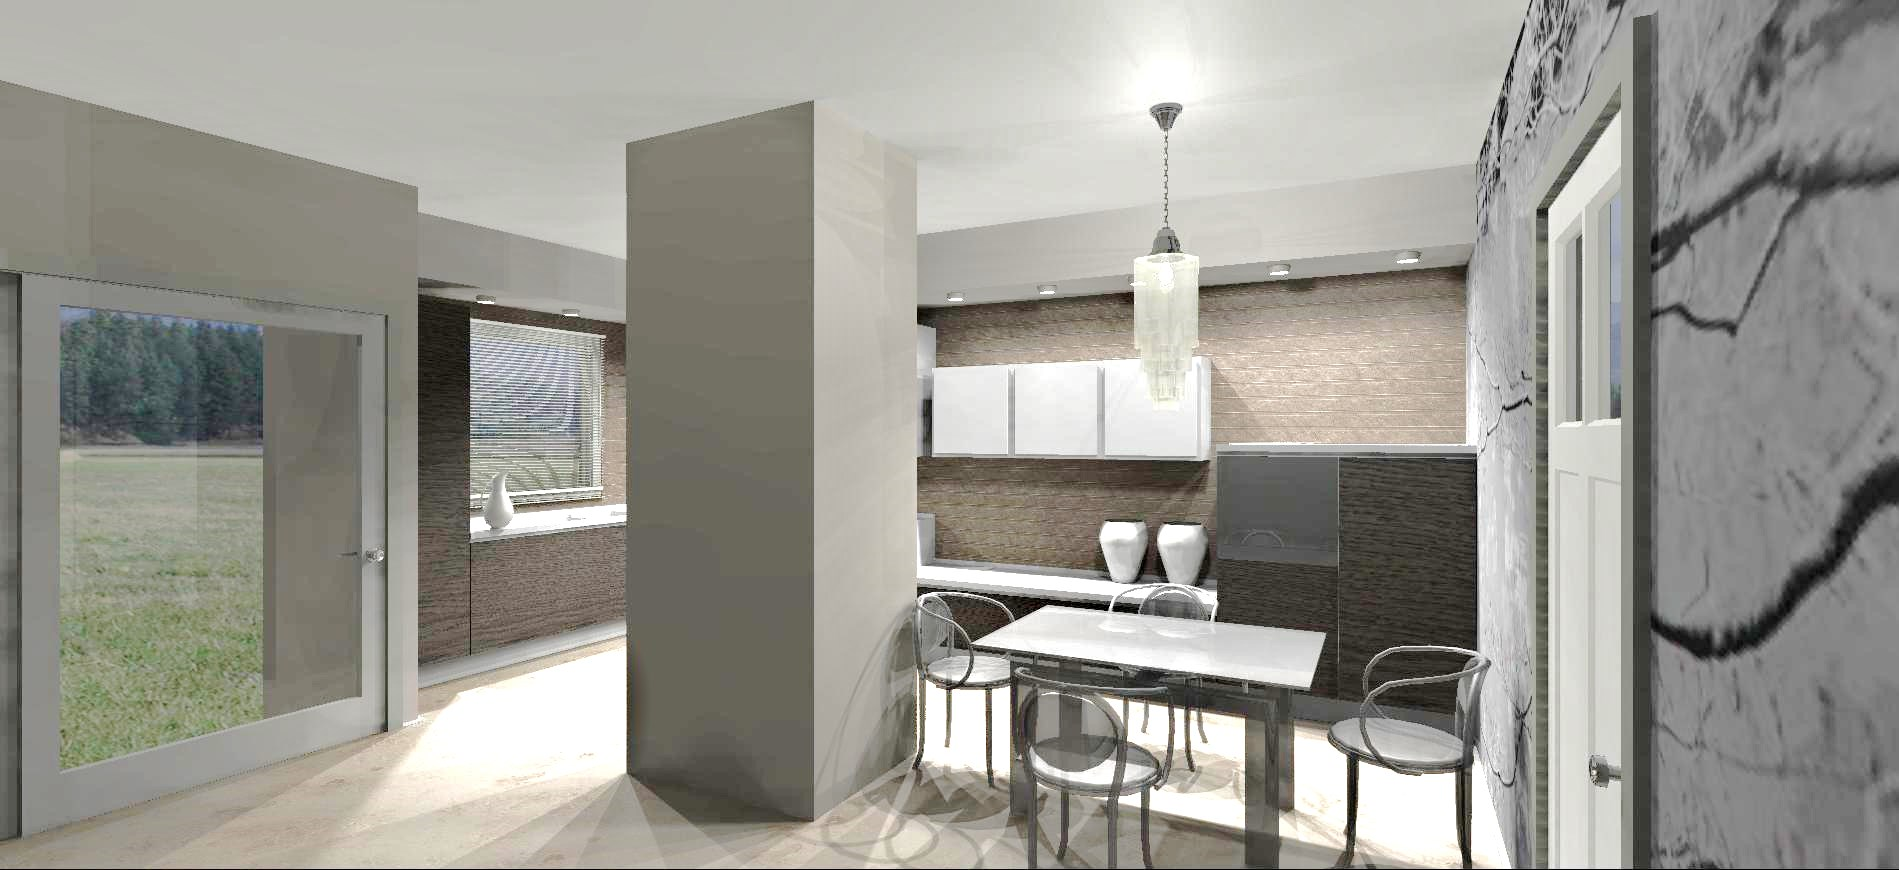 10 idee per abbellire o mascherare un pilastro for Cucina open space con pilastri